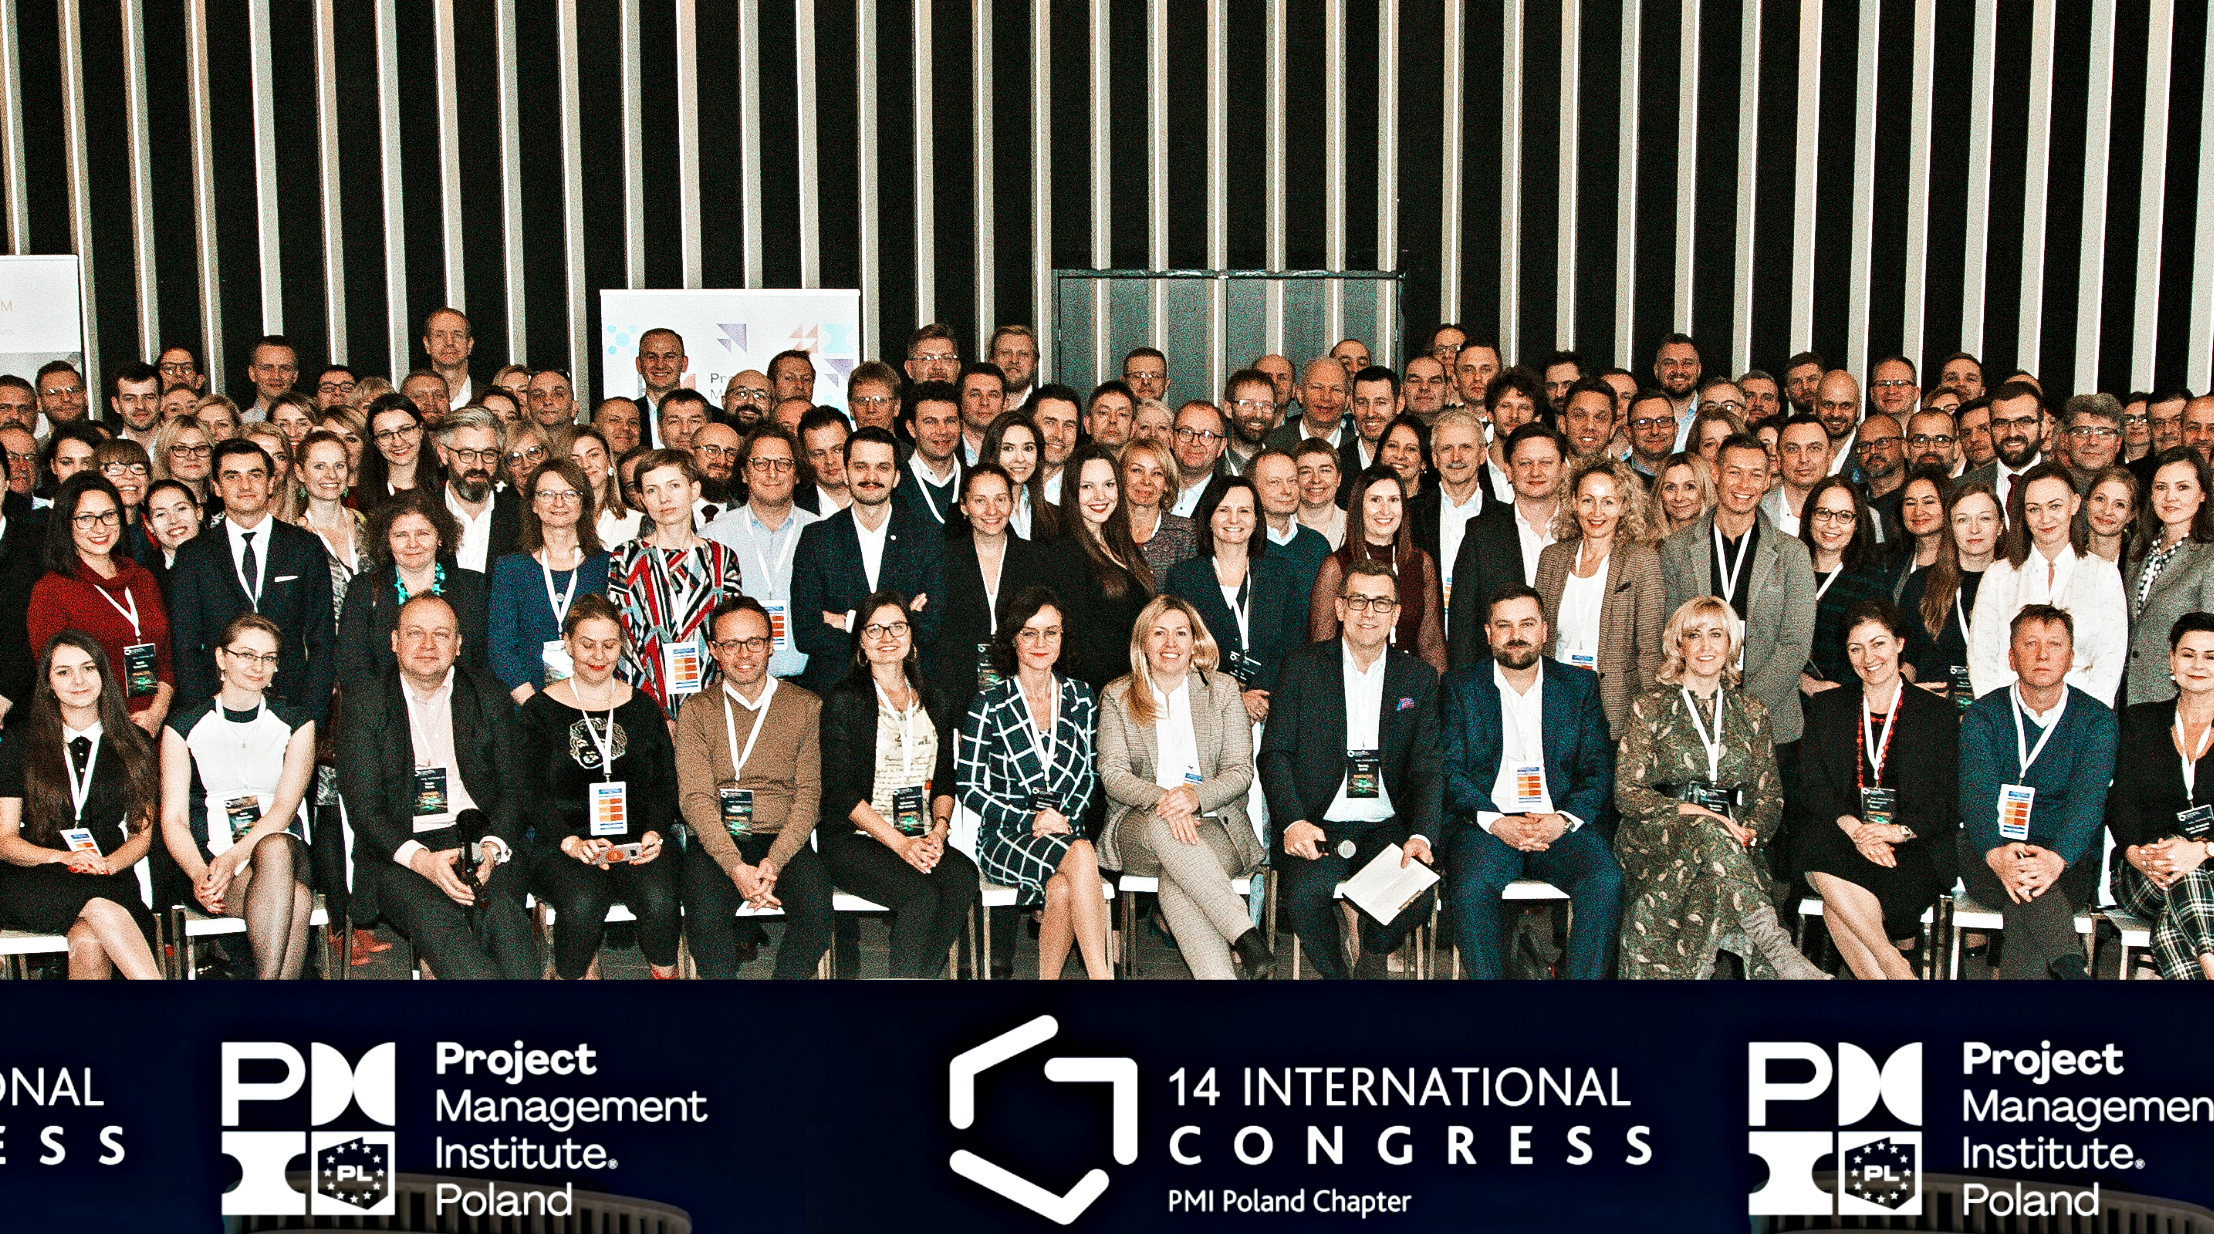 Go Beyond Project Management – fotorelacja z XIV Międzynarodowego Kongresu PMI Poland Chapter!